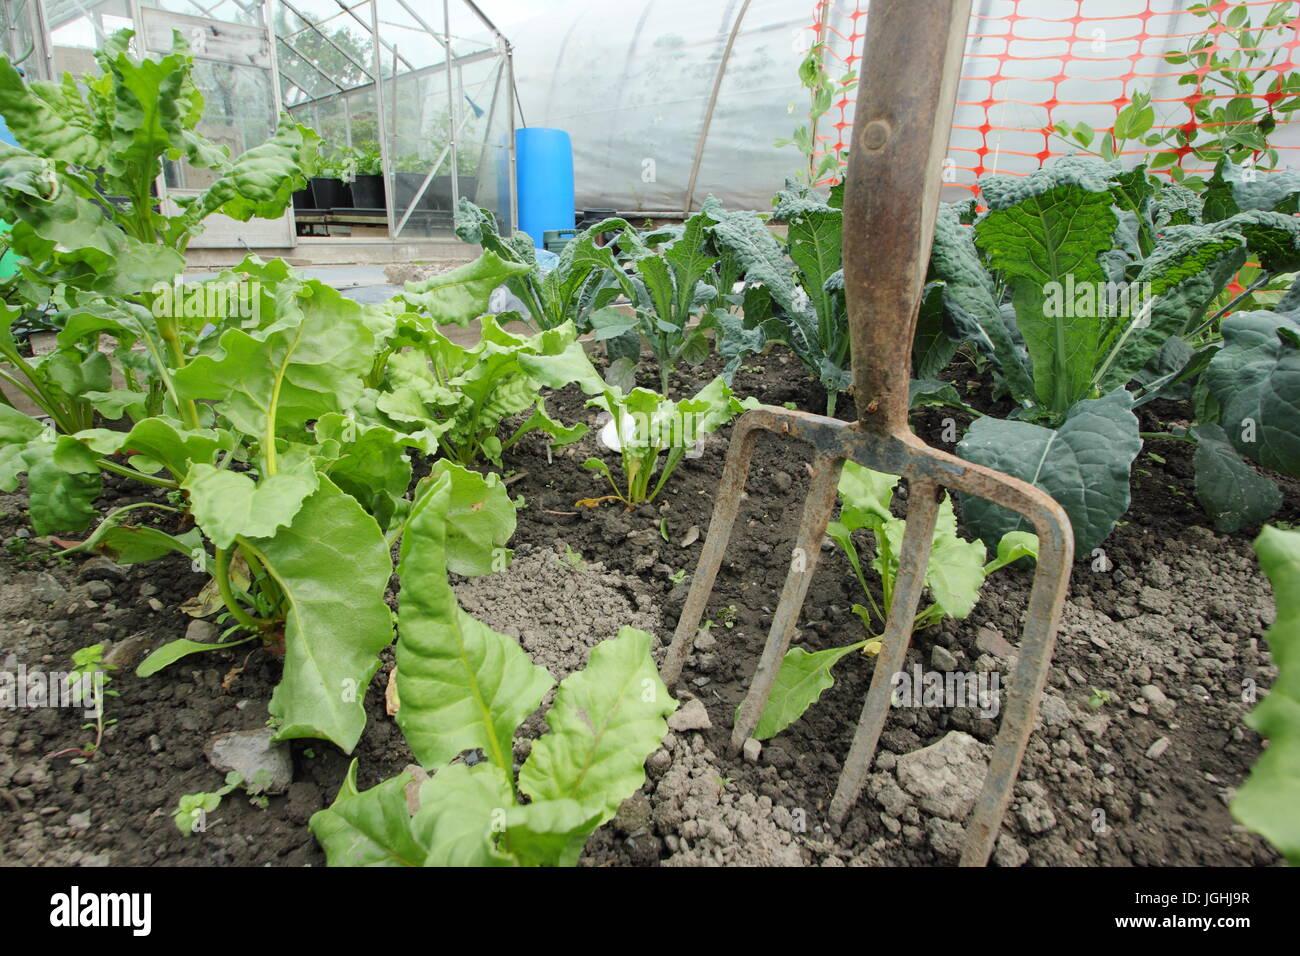 Giovani e barbabietola brassica cresce in una trama vegetale in un inglese un riparto giardino a metà estate Immagini Stock